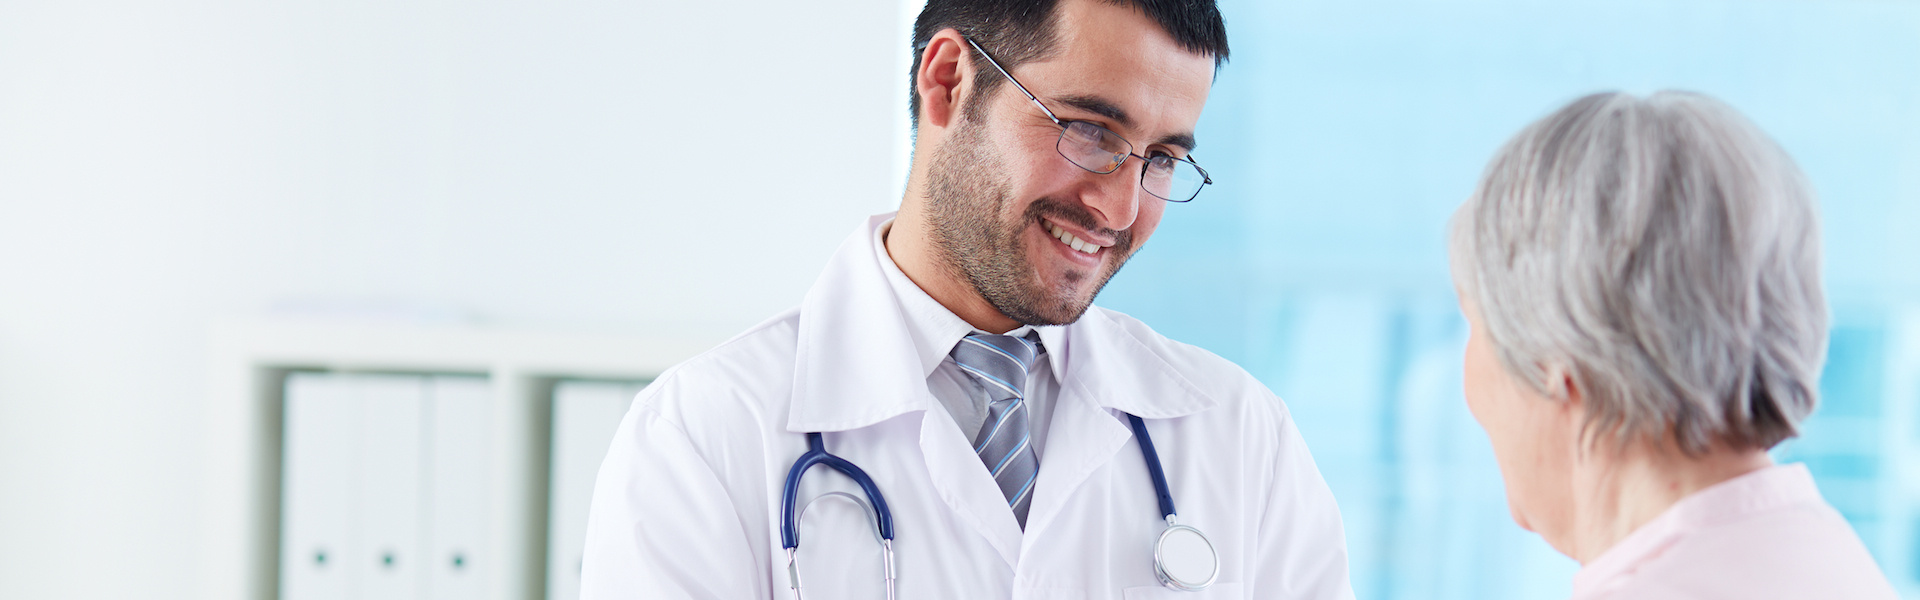 Снимка на лекар и пациент